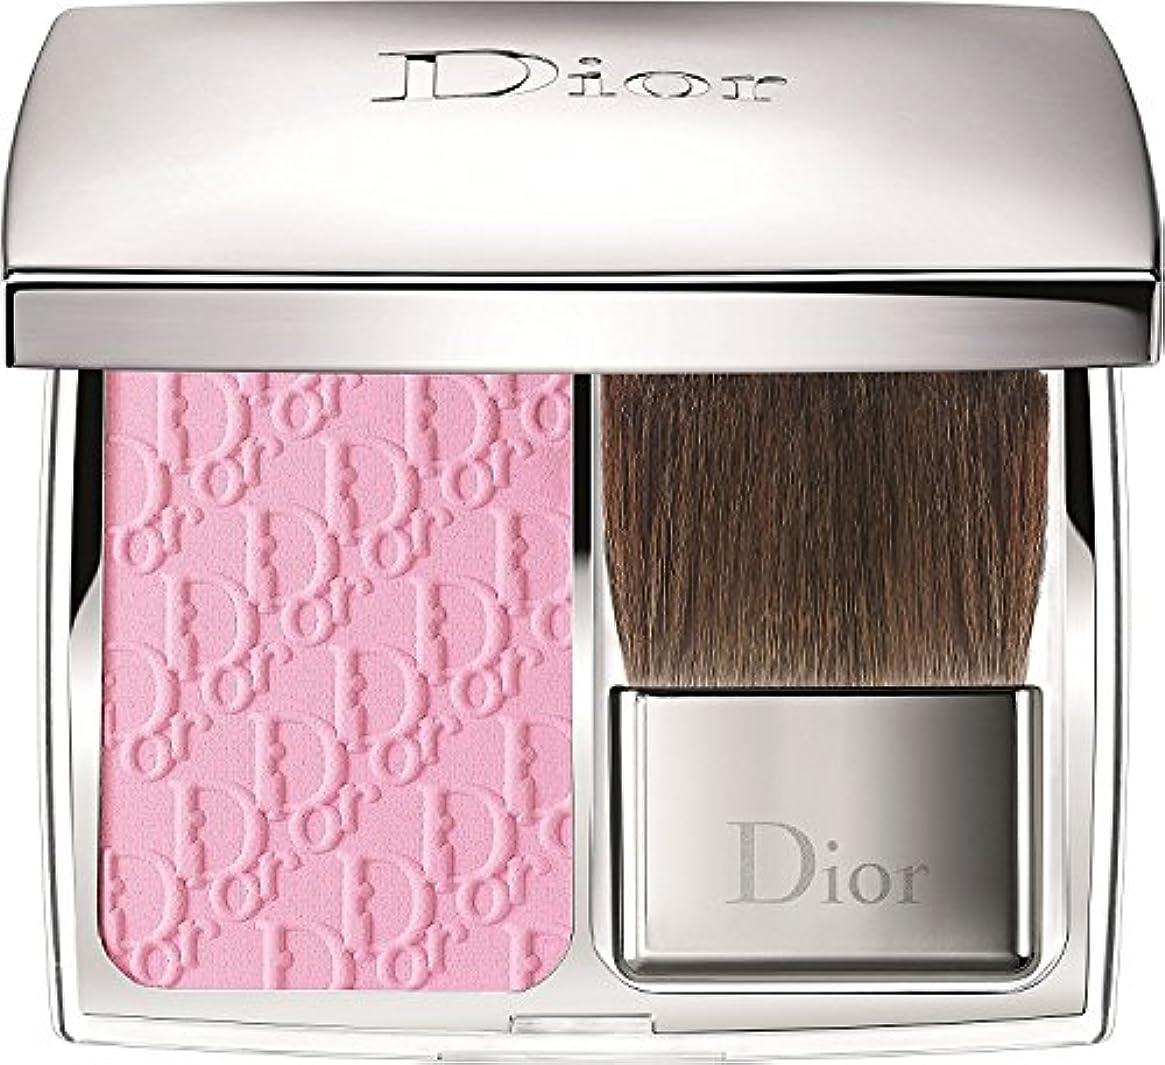 薄暗いカレッジエクステントクリスチャン ディオール Christian Dior ディオールスキン ロージー グロウ 001